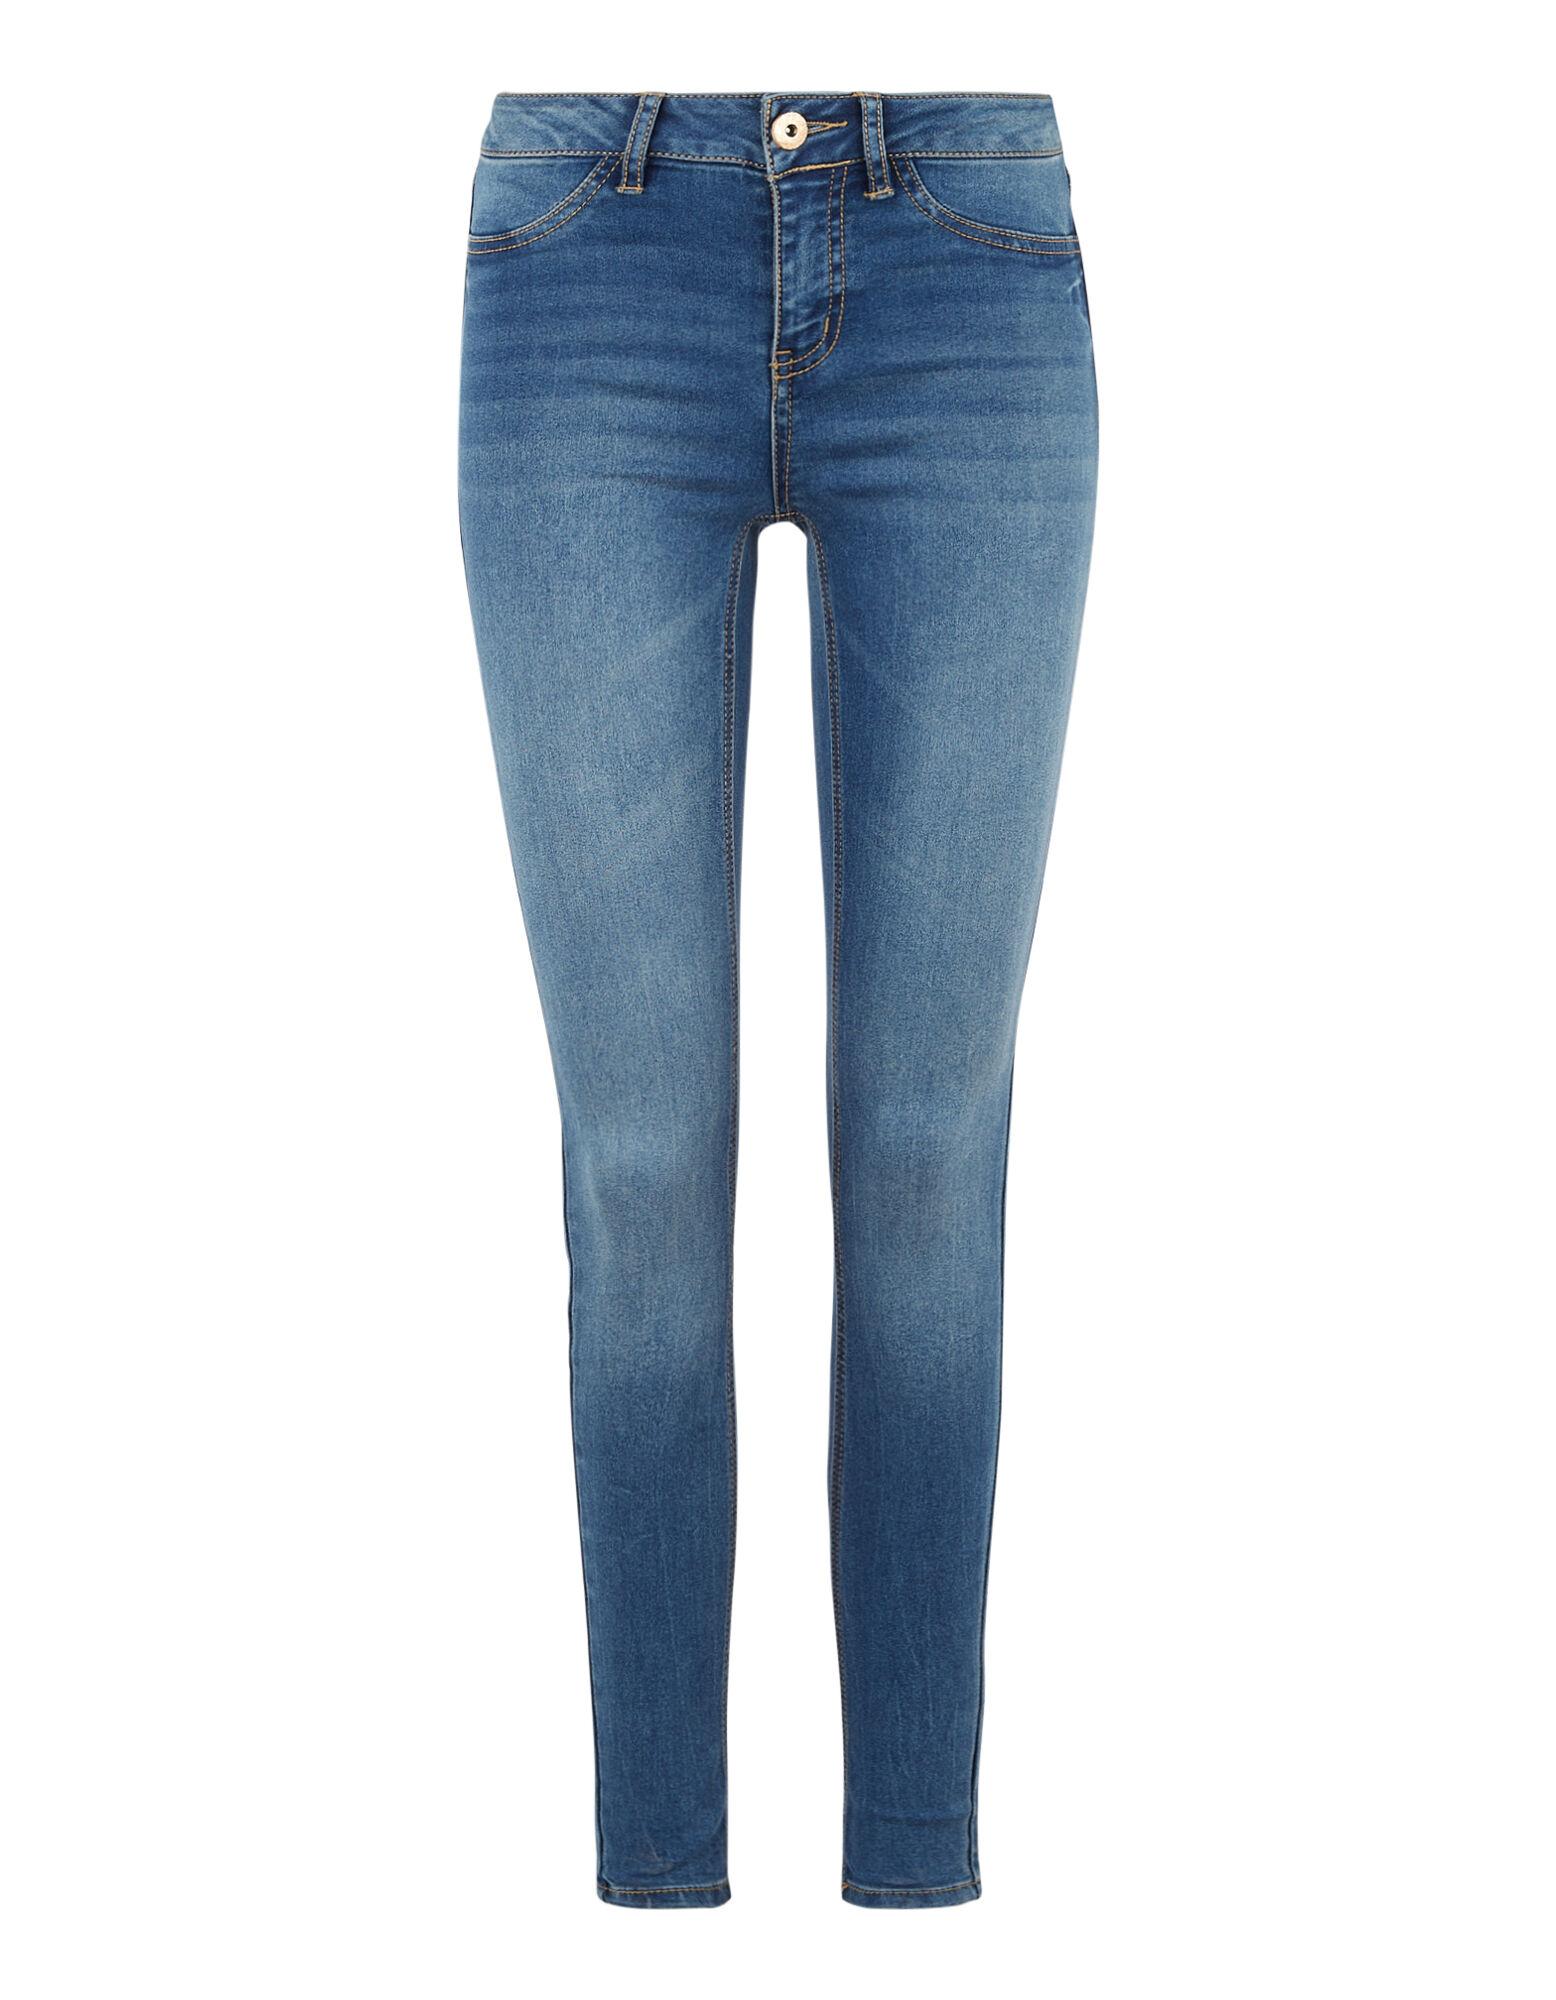 Günstige Damen Jeans | Neue Trends zu TOP Preisen Takko